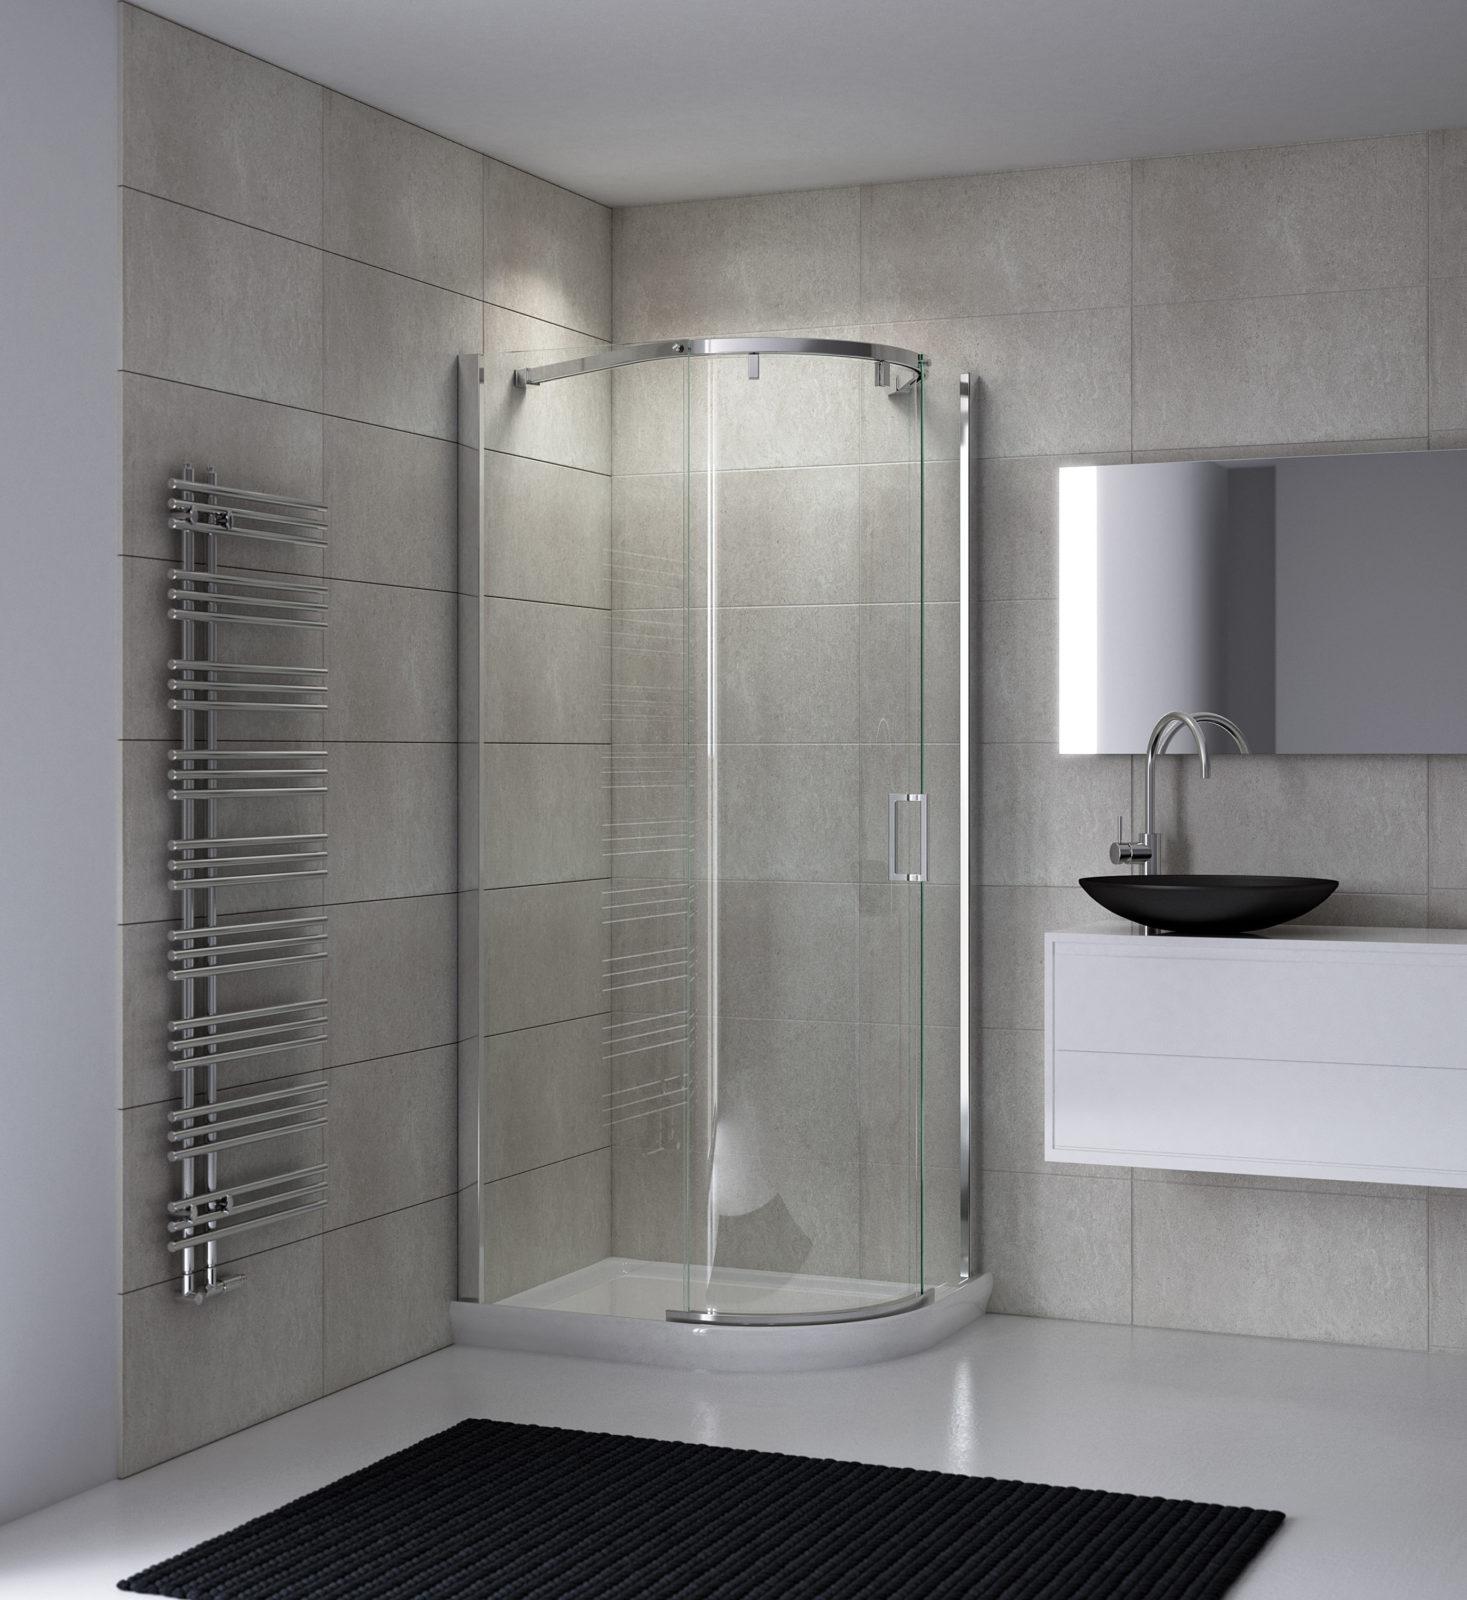 Cabine de douche coulissant avec verres courbes silanus Porte coulissante courbe